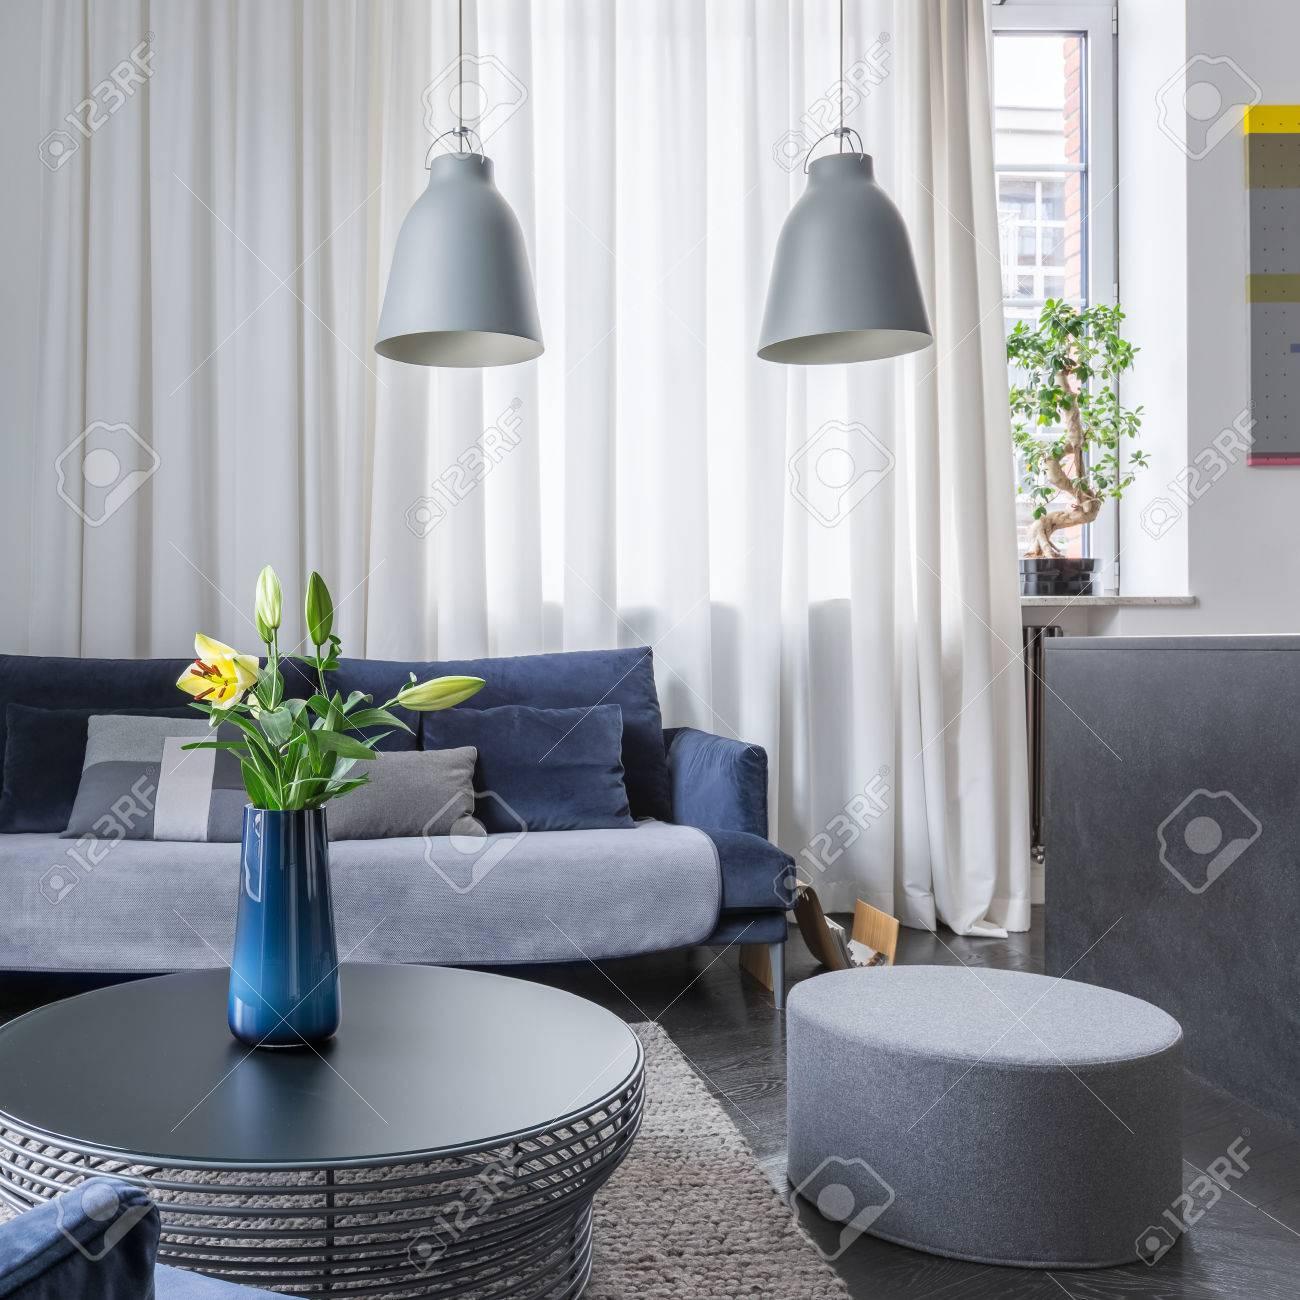 Wohnzimmer Mit Weißen Wand Und Dunklen Möbeln Lizenzfreie Fotos ...